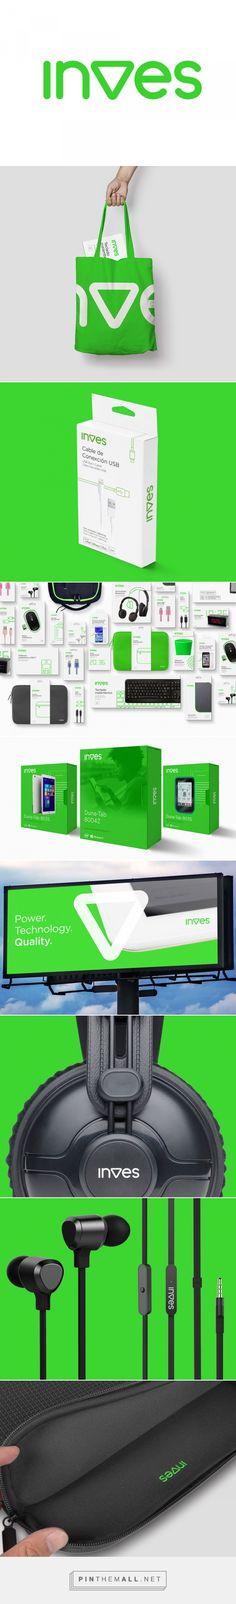 Inves, la marca de tecnología de El Corte Inglés, tiene nueva identidad | Brandemia_... - a grouped images picture - Pin Them All